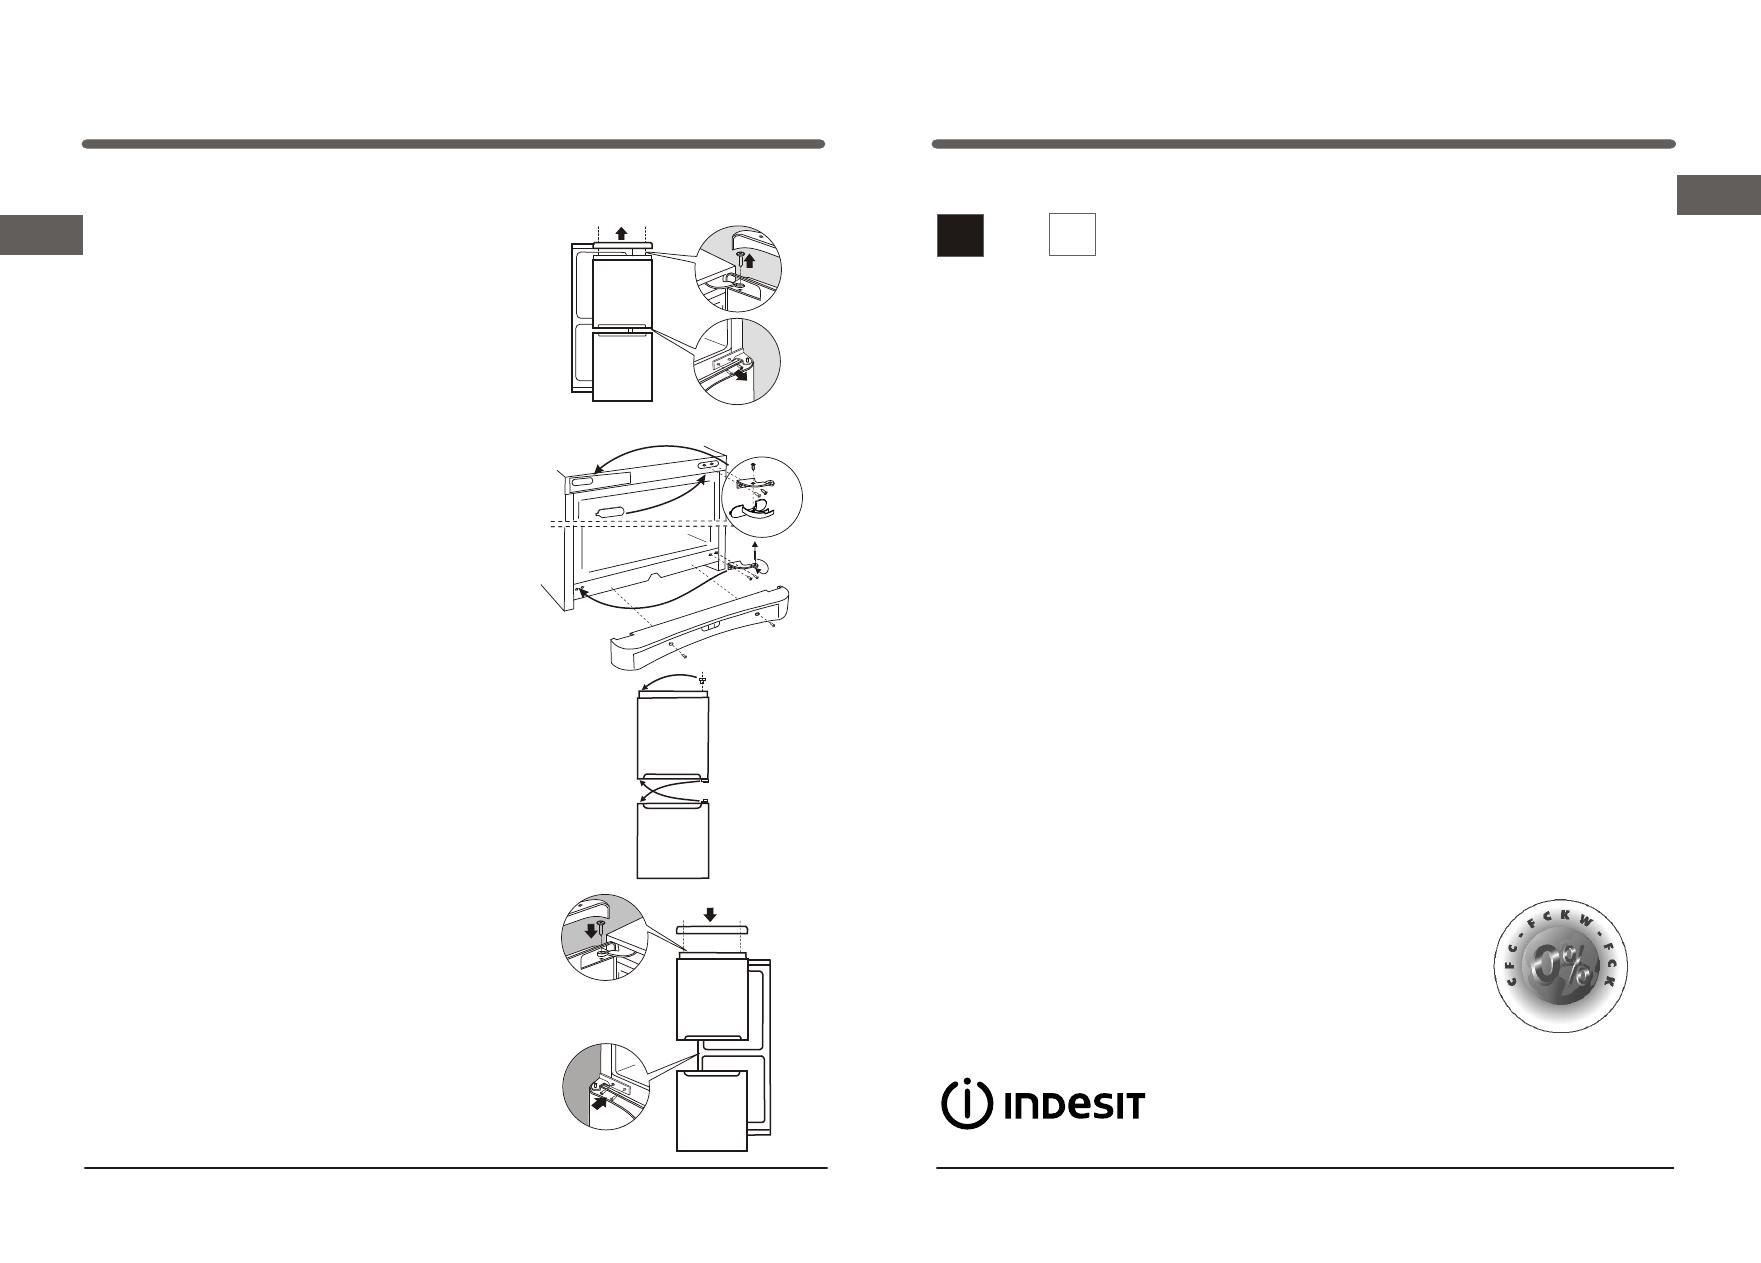 мануал индезит b20 dfnf холодильника сервис